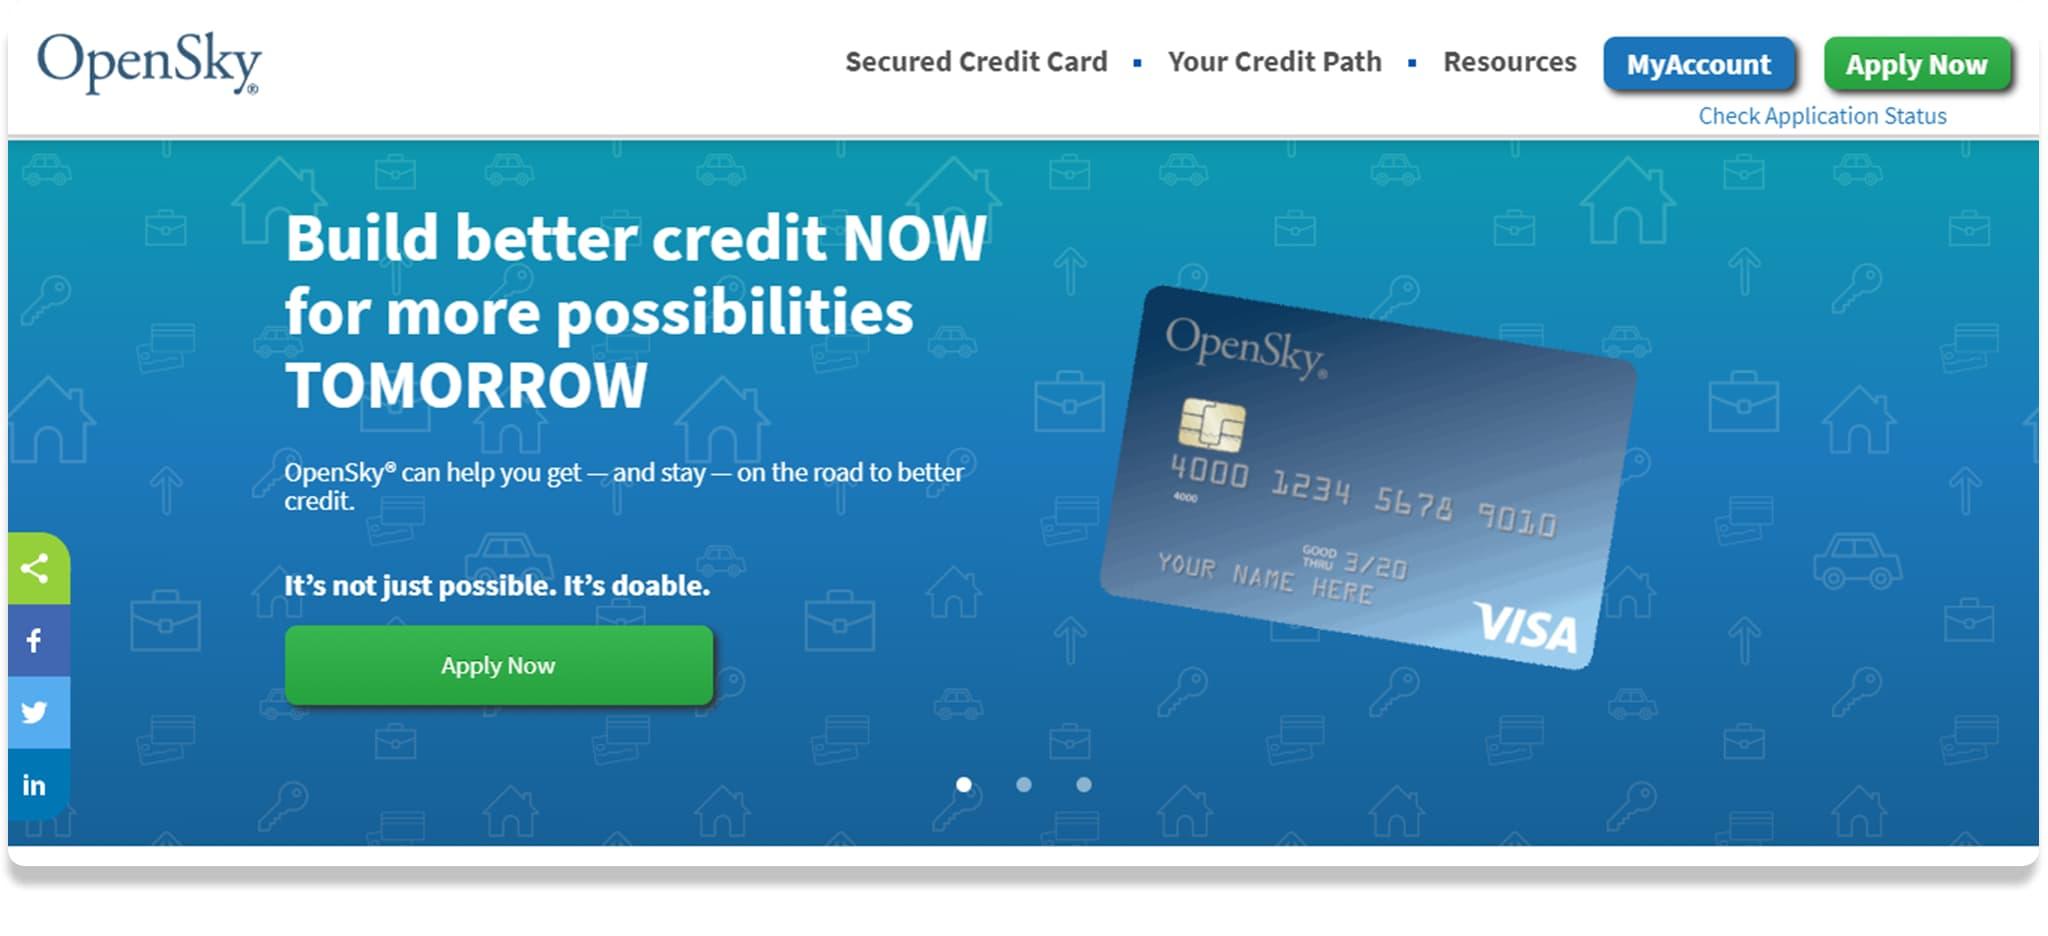 OpenSky Bank